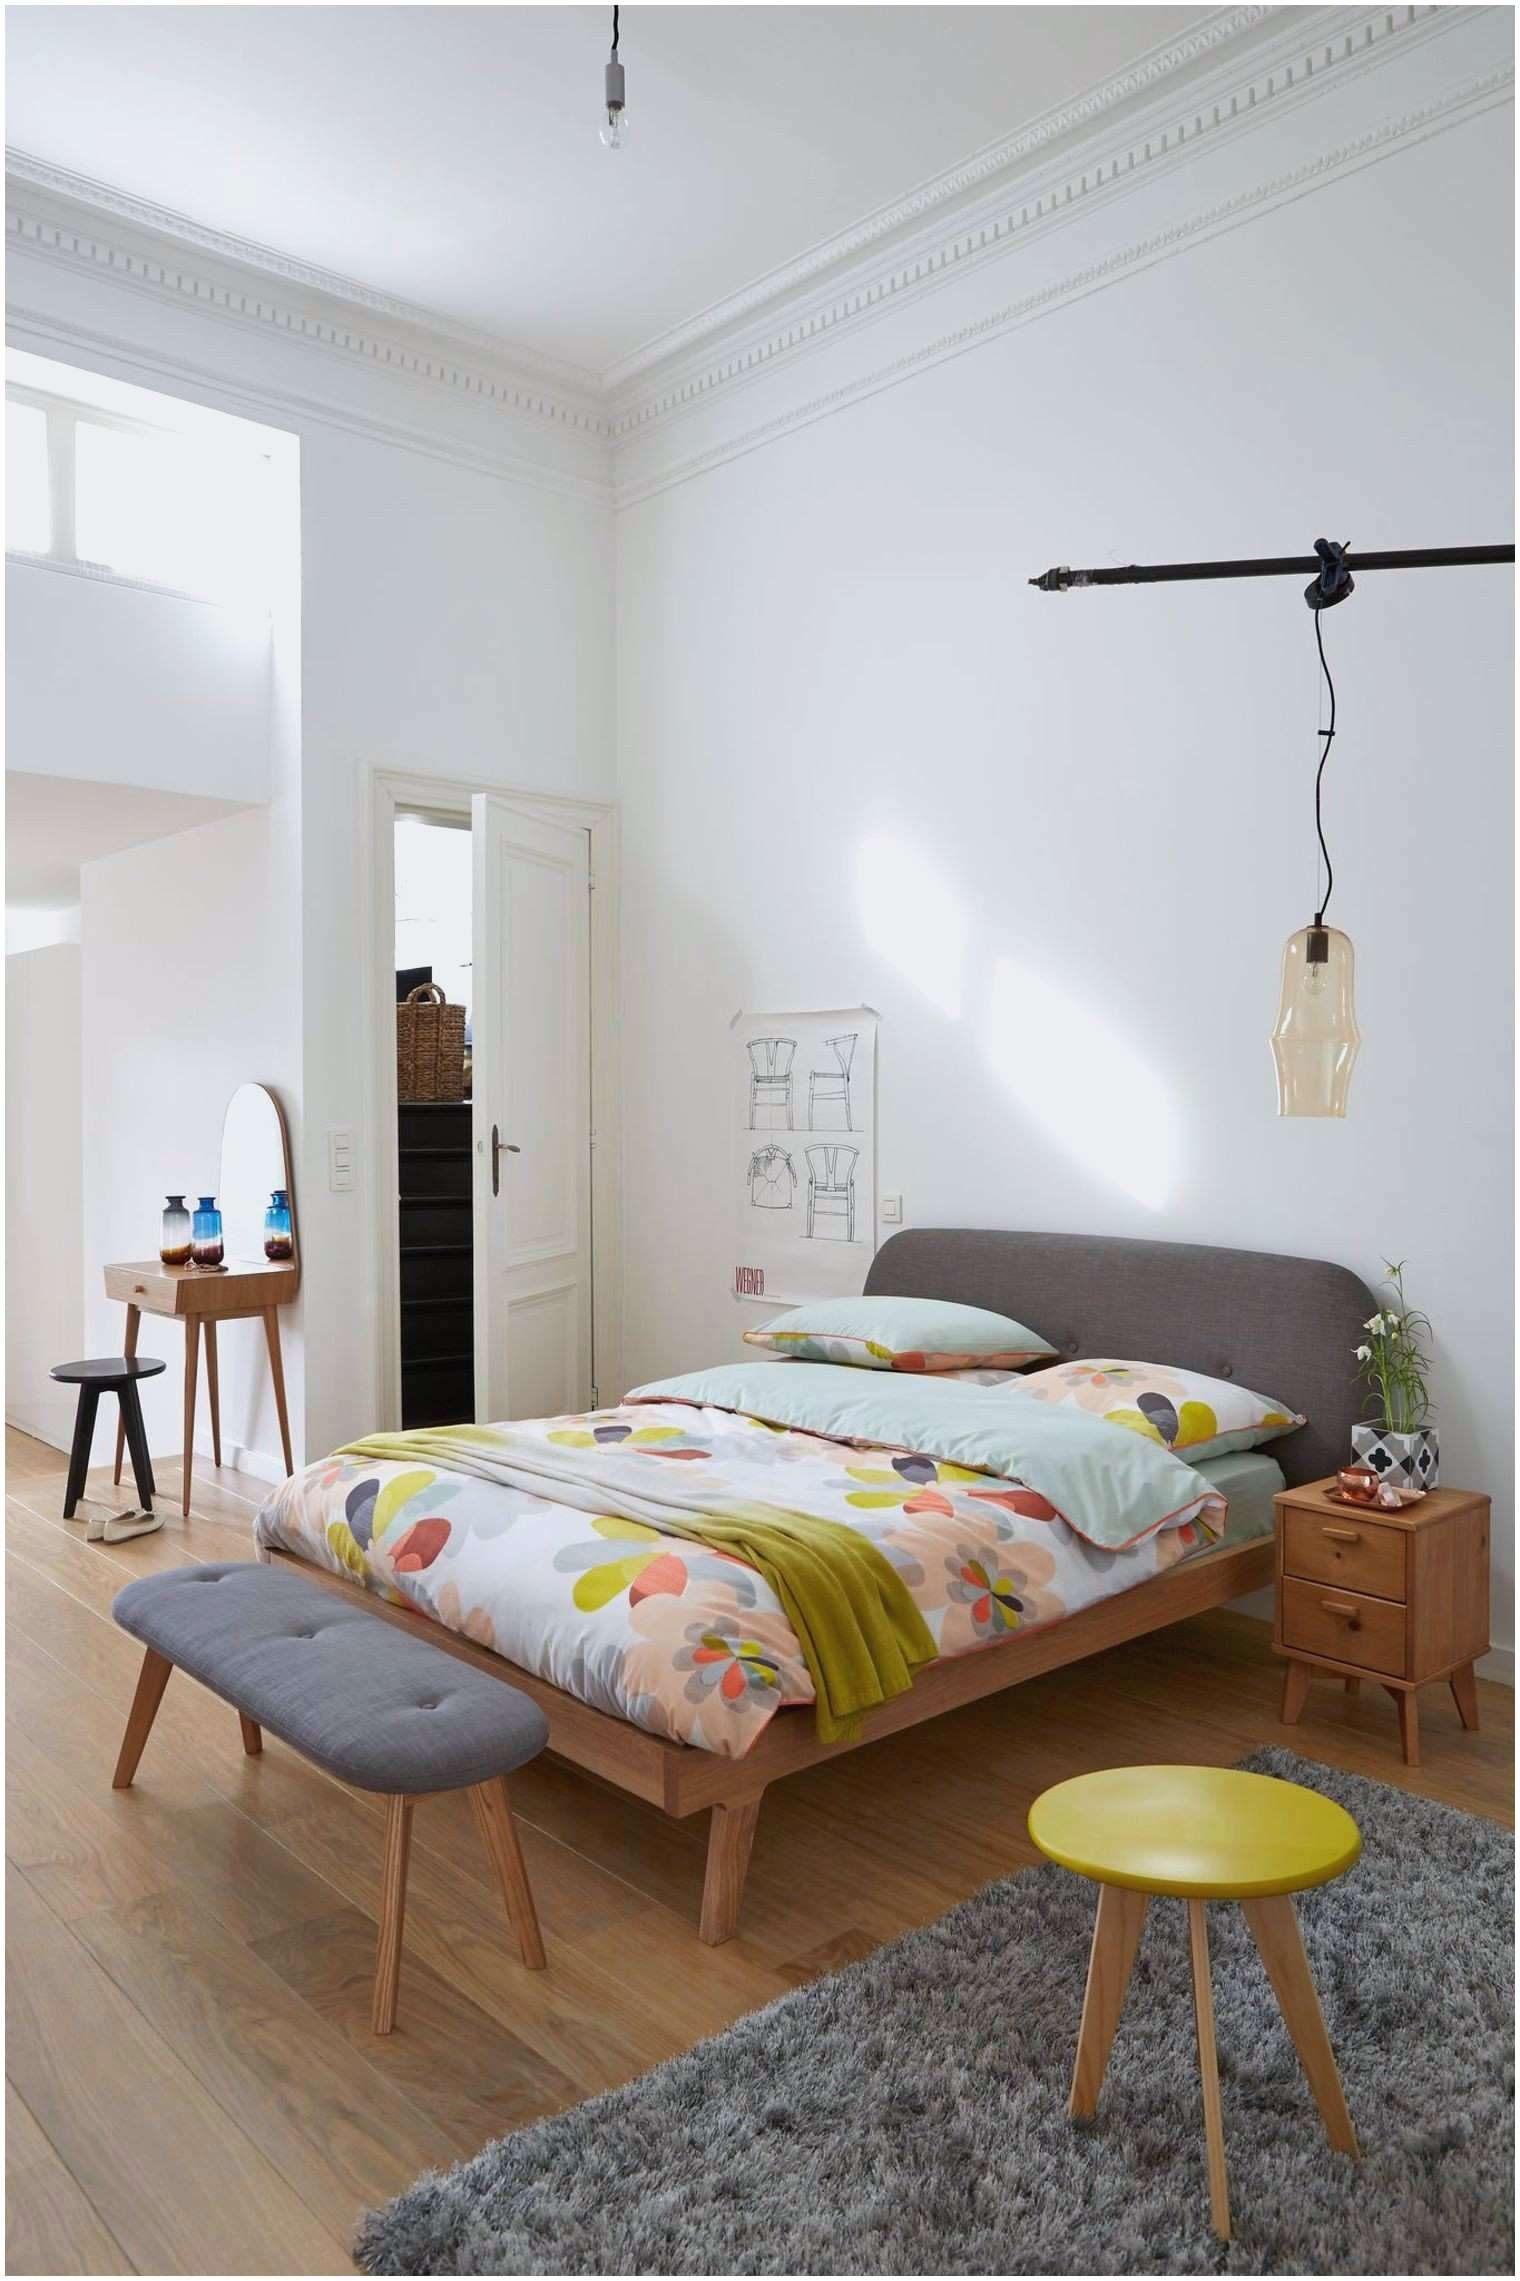 Rideau Pour Lit Superposé Impressionnant Elégant 14 Unique Rideau Lit Superposé Pour Choix Rideau Chambre